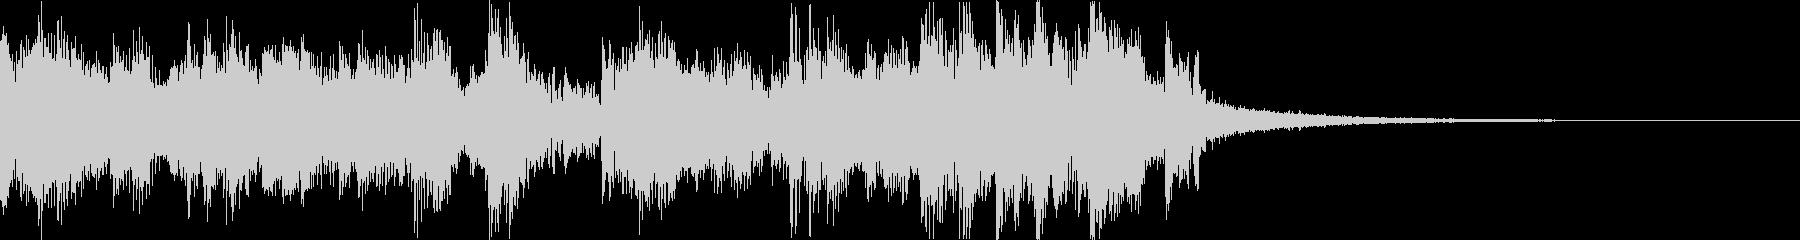 スタイリッシュ・アグレッシブエレクトロaの未再生の波形